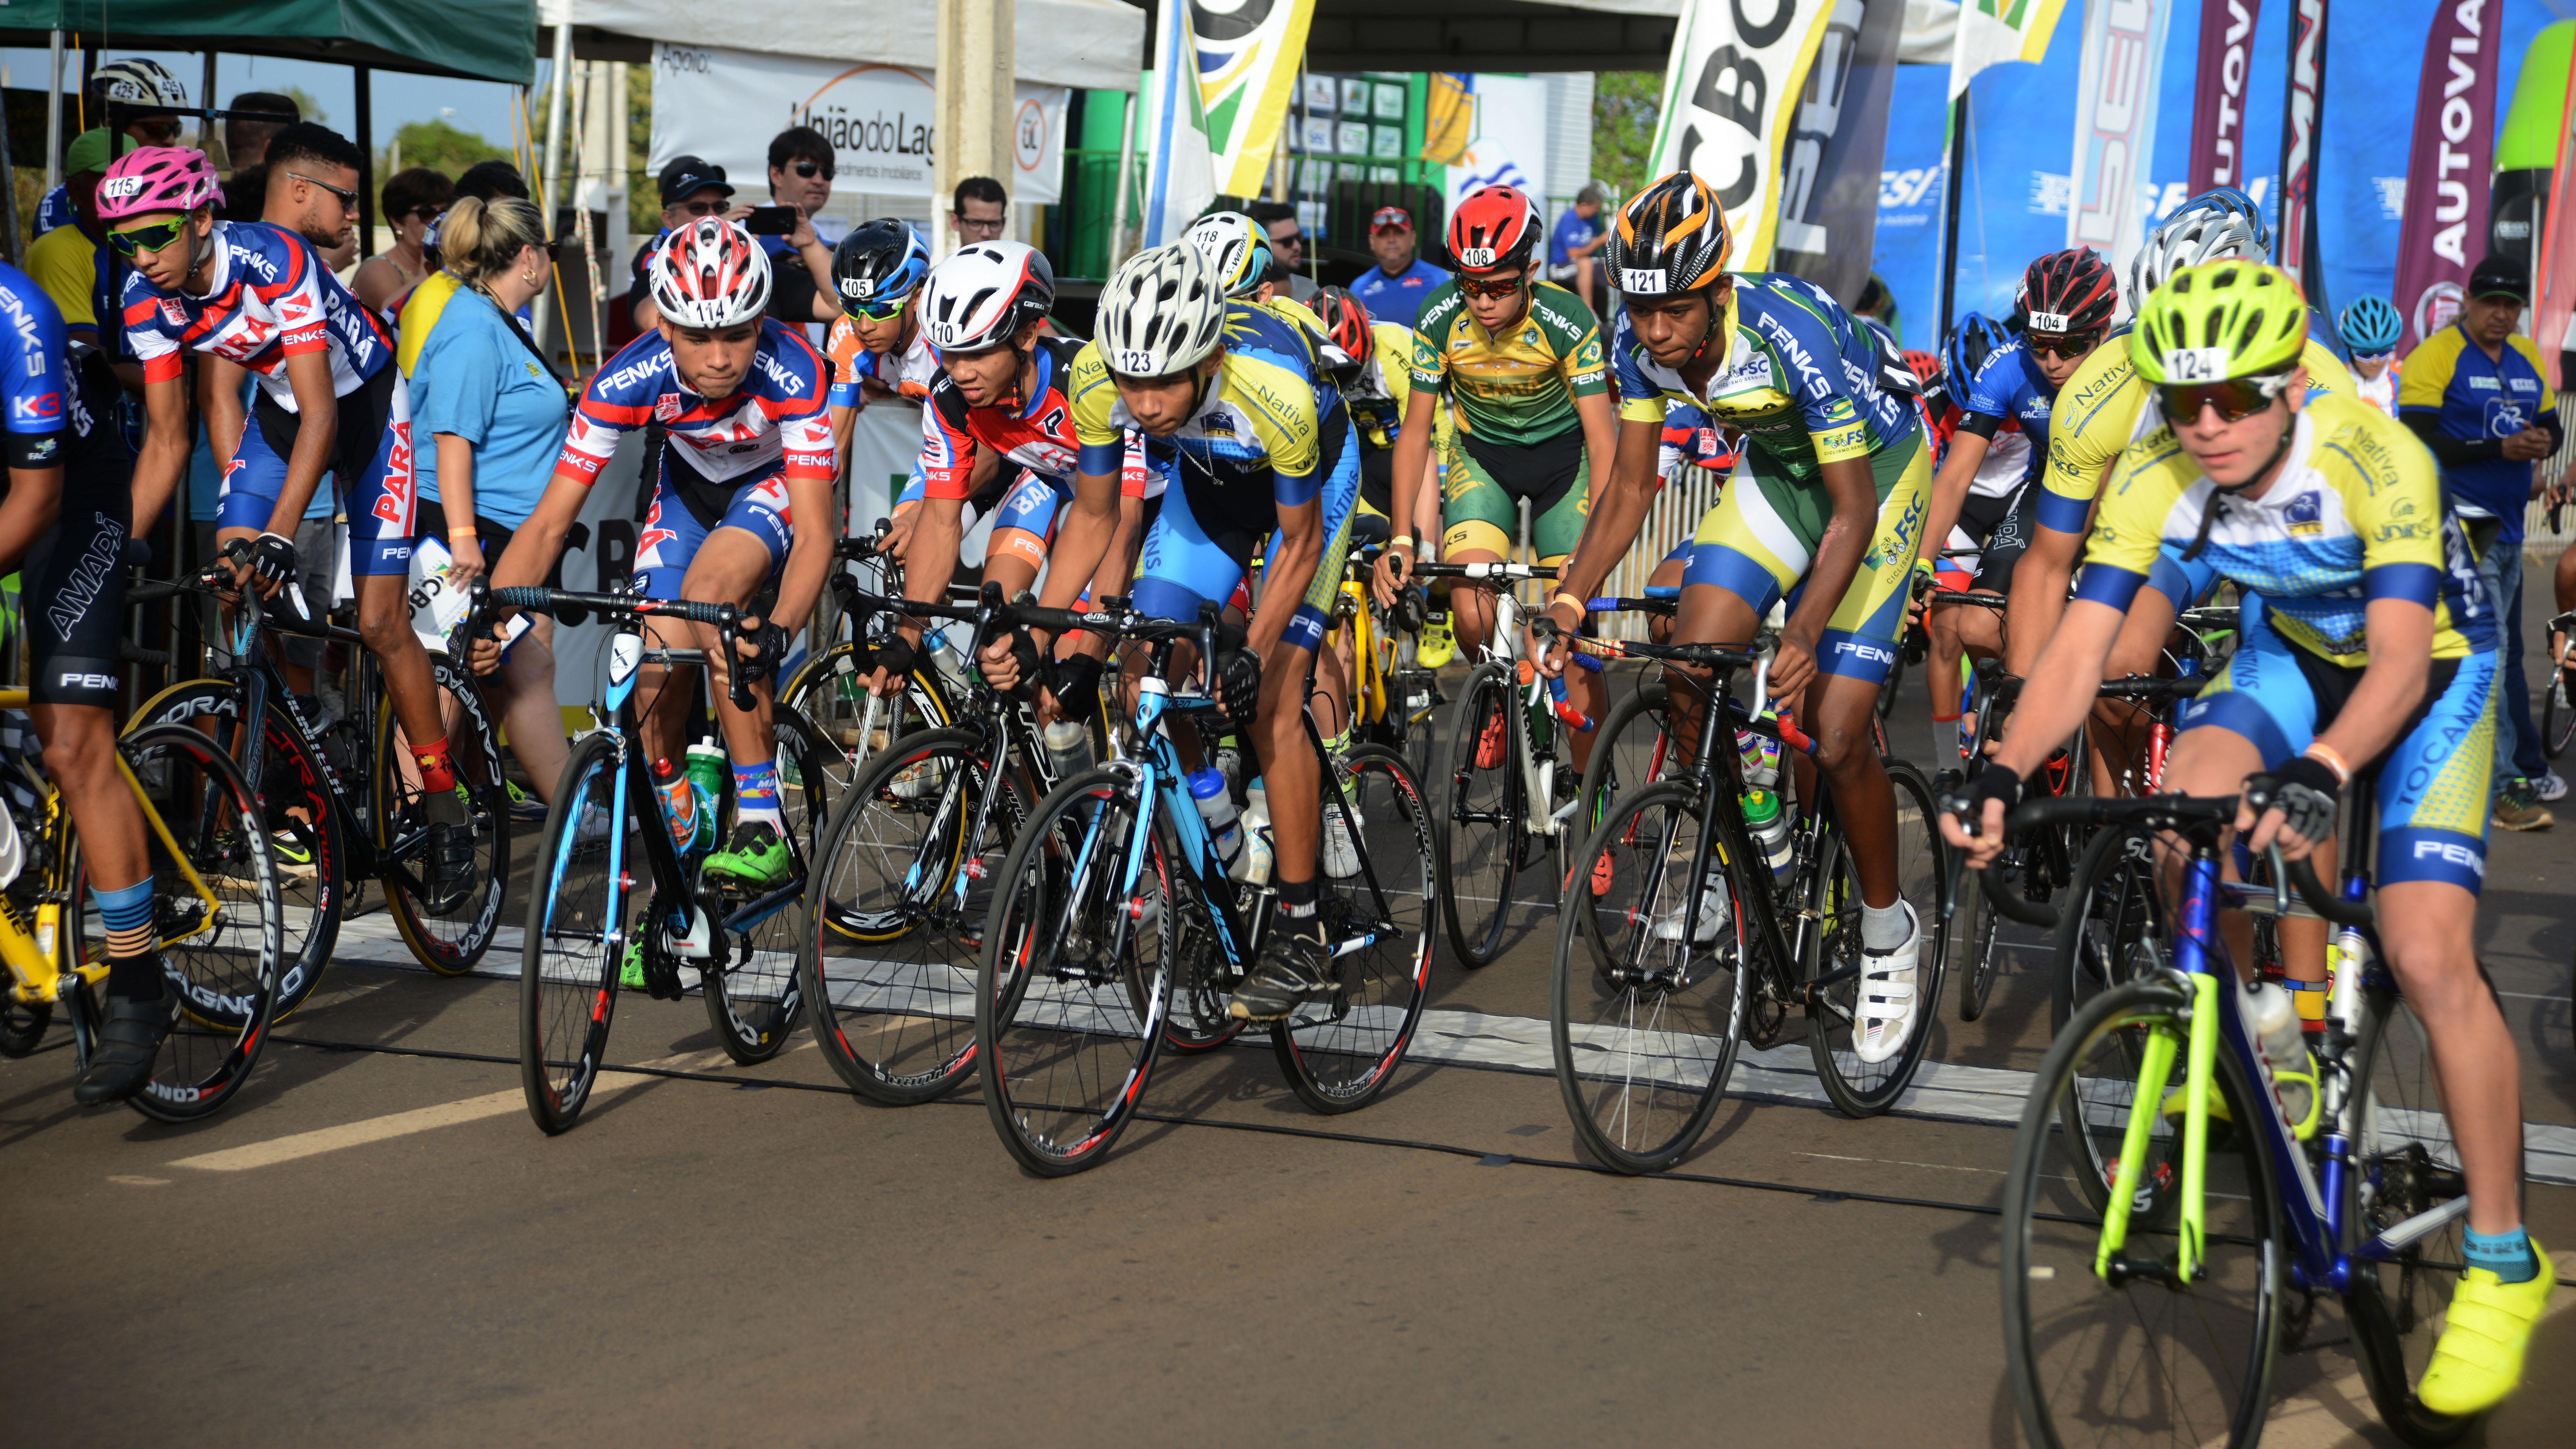 imageProvas aconteceram nos dias 17, 18 e 19 em Palmas e reuniram competidores de 14 estados brasileiros